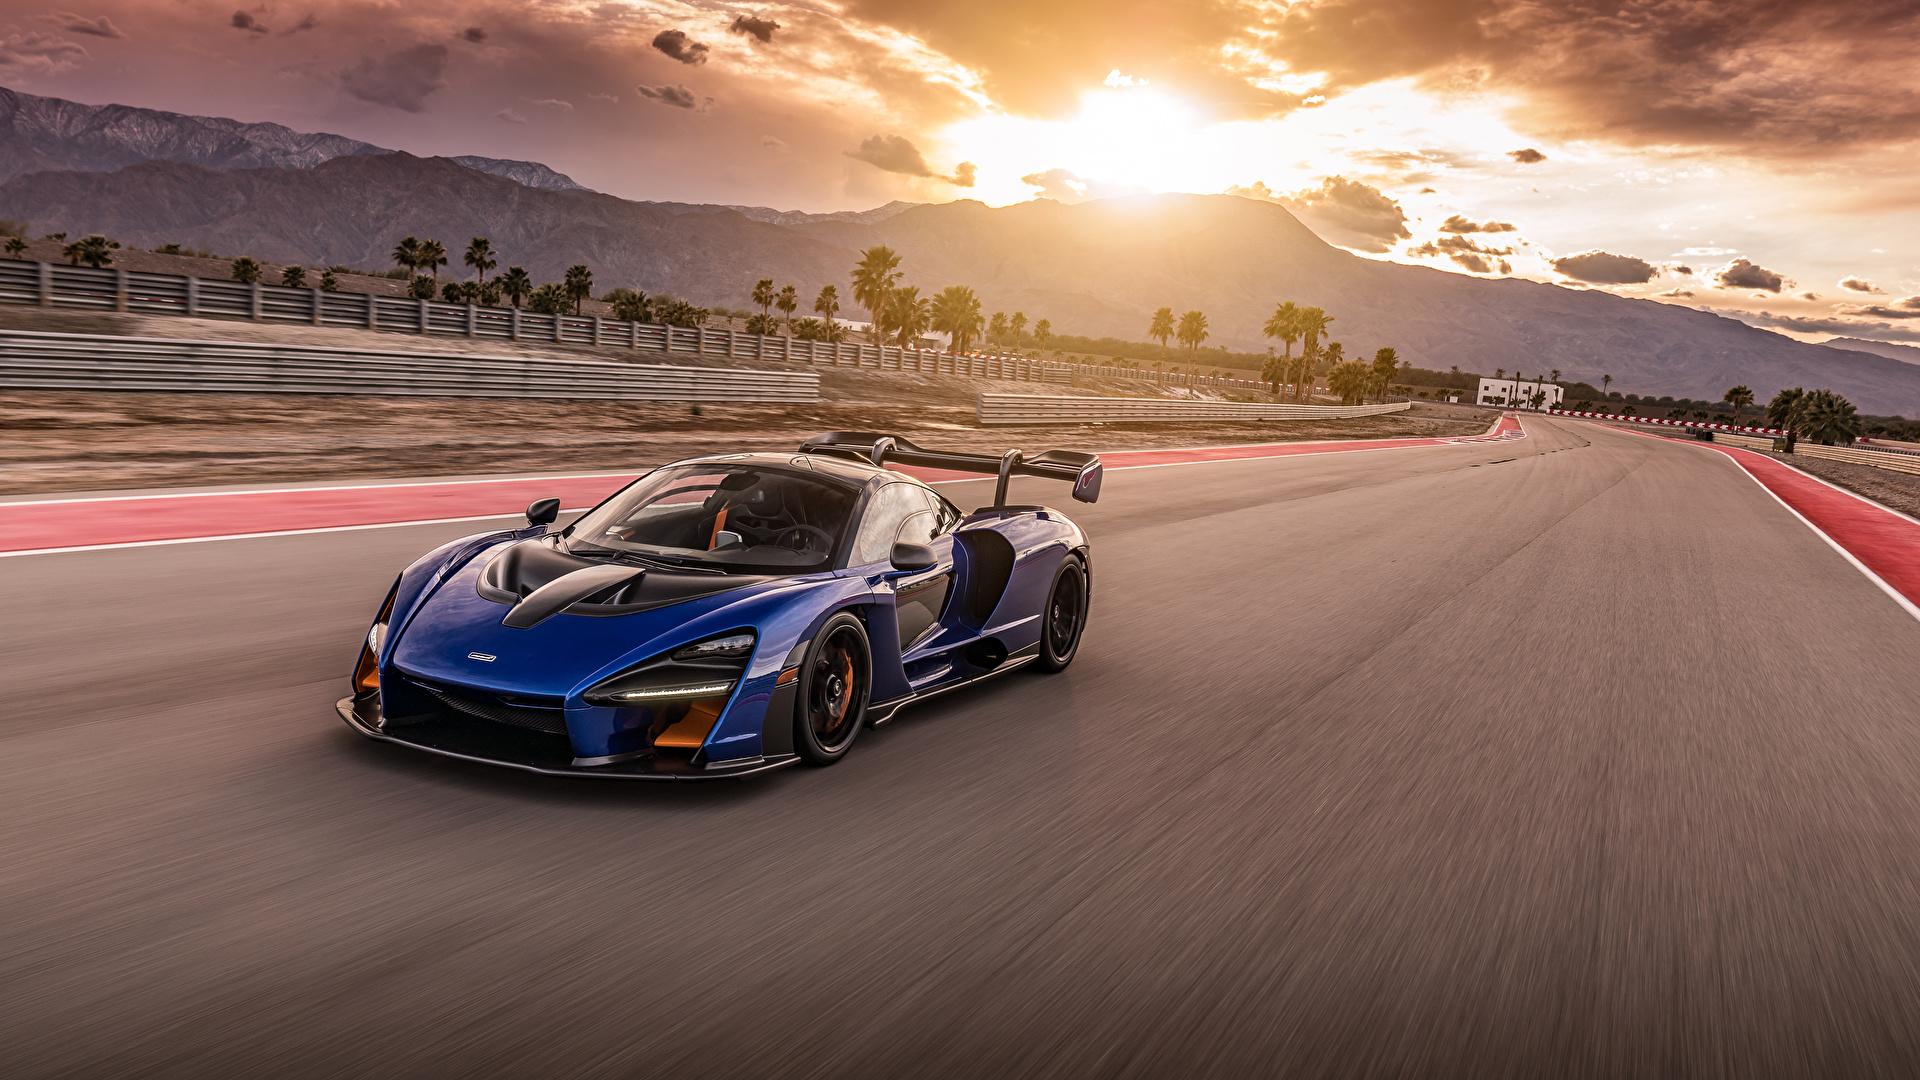 Картинка McLaren 2019-20 Senna синяя едущая Металлик Автомобили 1920x1080 Макларен Синий синие синих едет едущий скорость Движение авто машины машина автомобиль